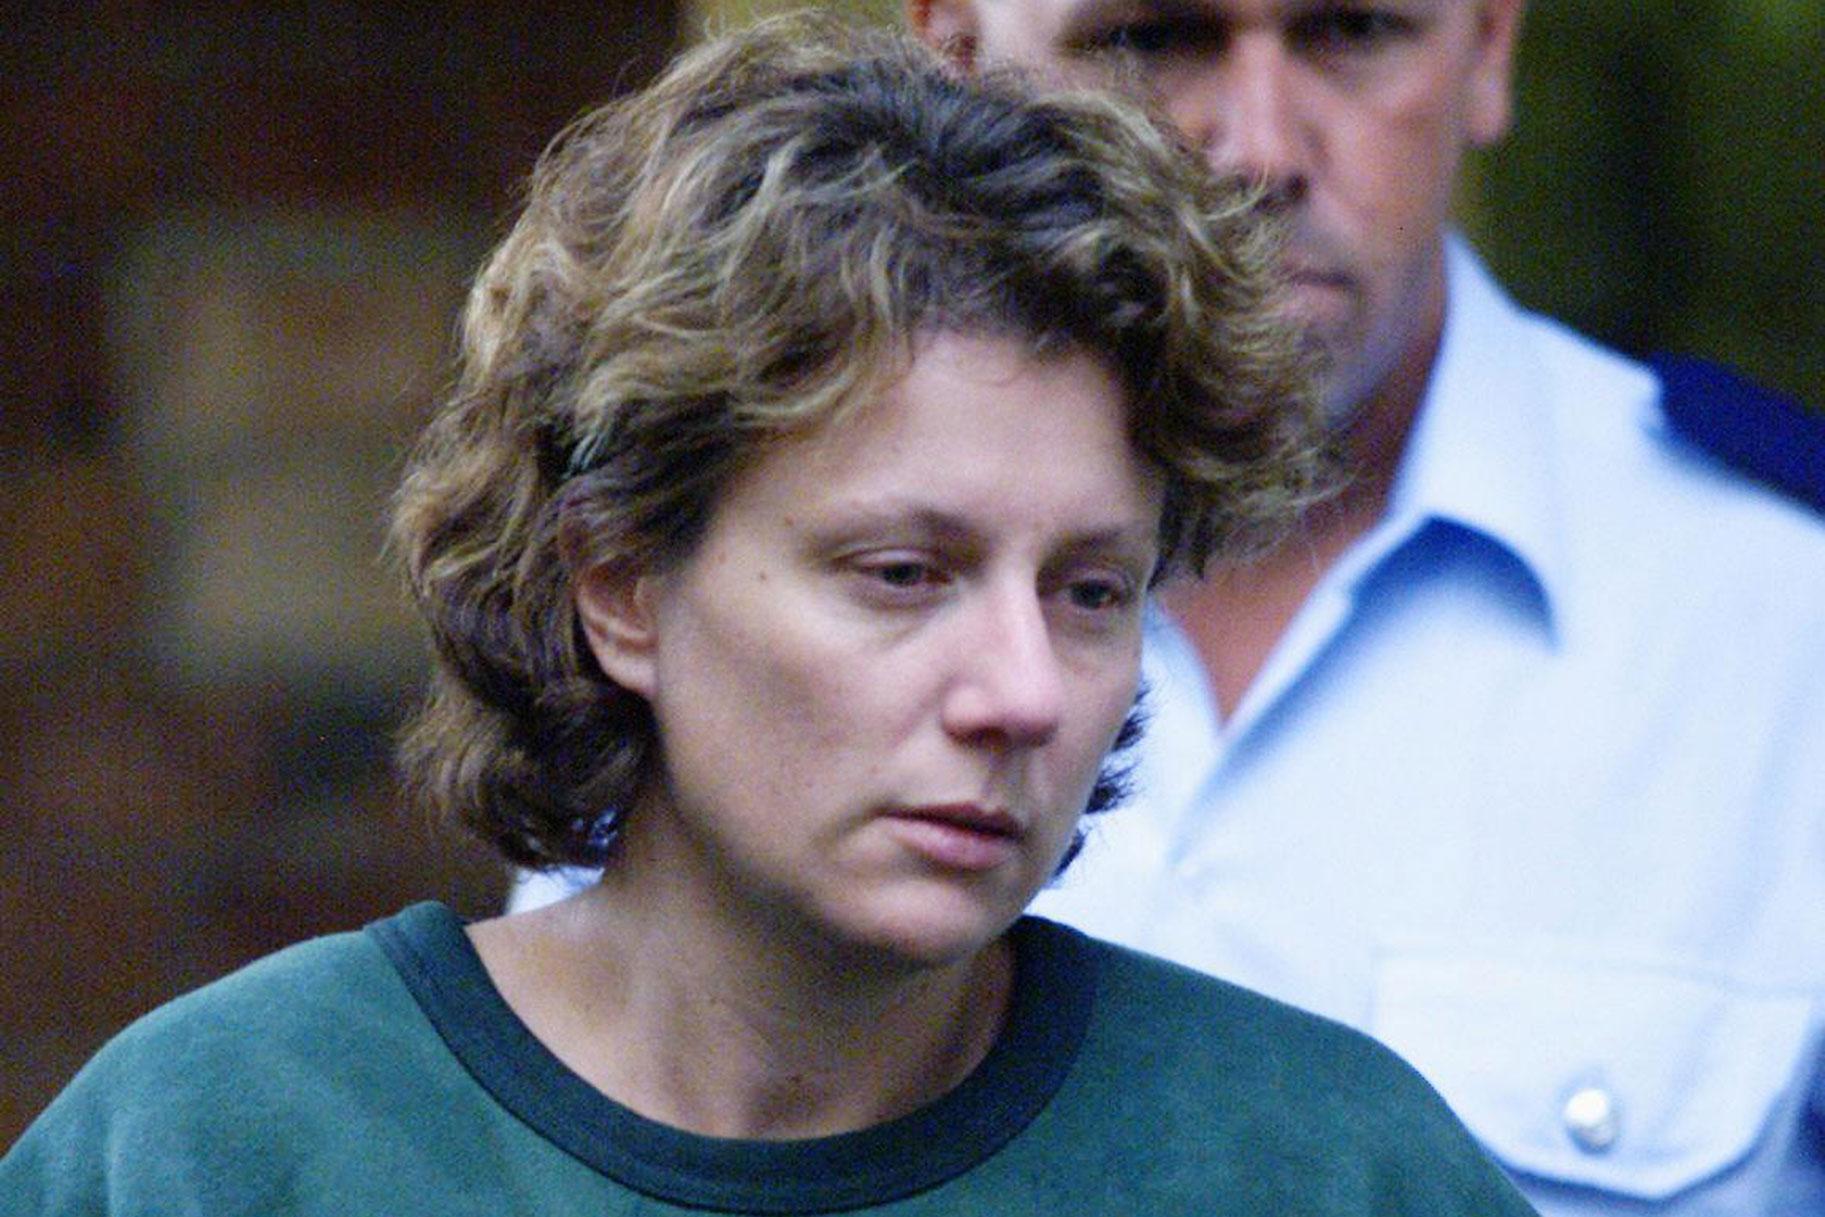 Ο «χειρότερος θηλυκός σειριακός δολοφόνος» μπορεί να δει τη συγχώρεση μετά από την έρευνα του Genome Research Discovery